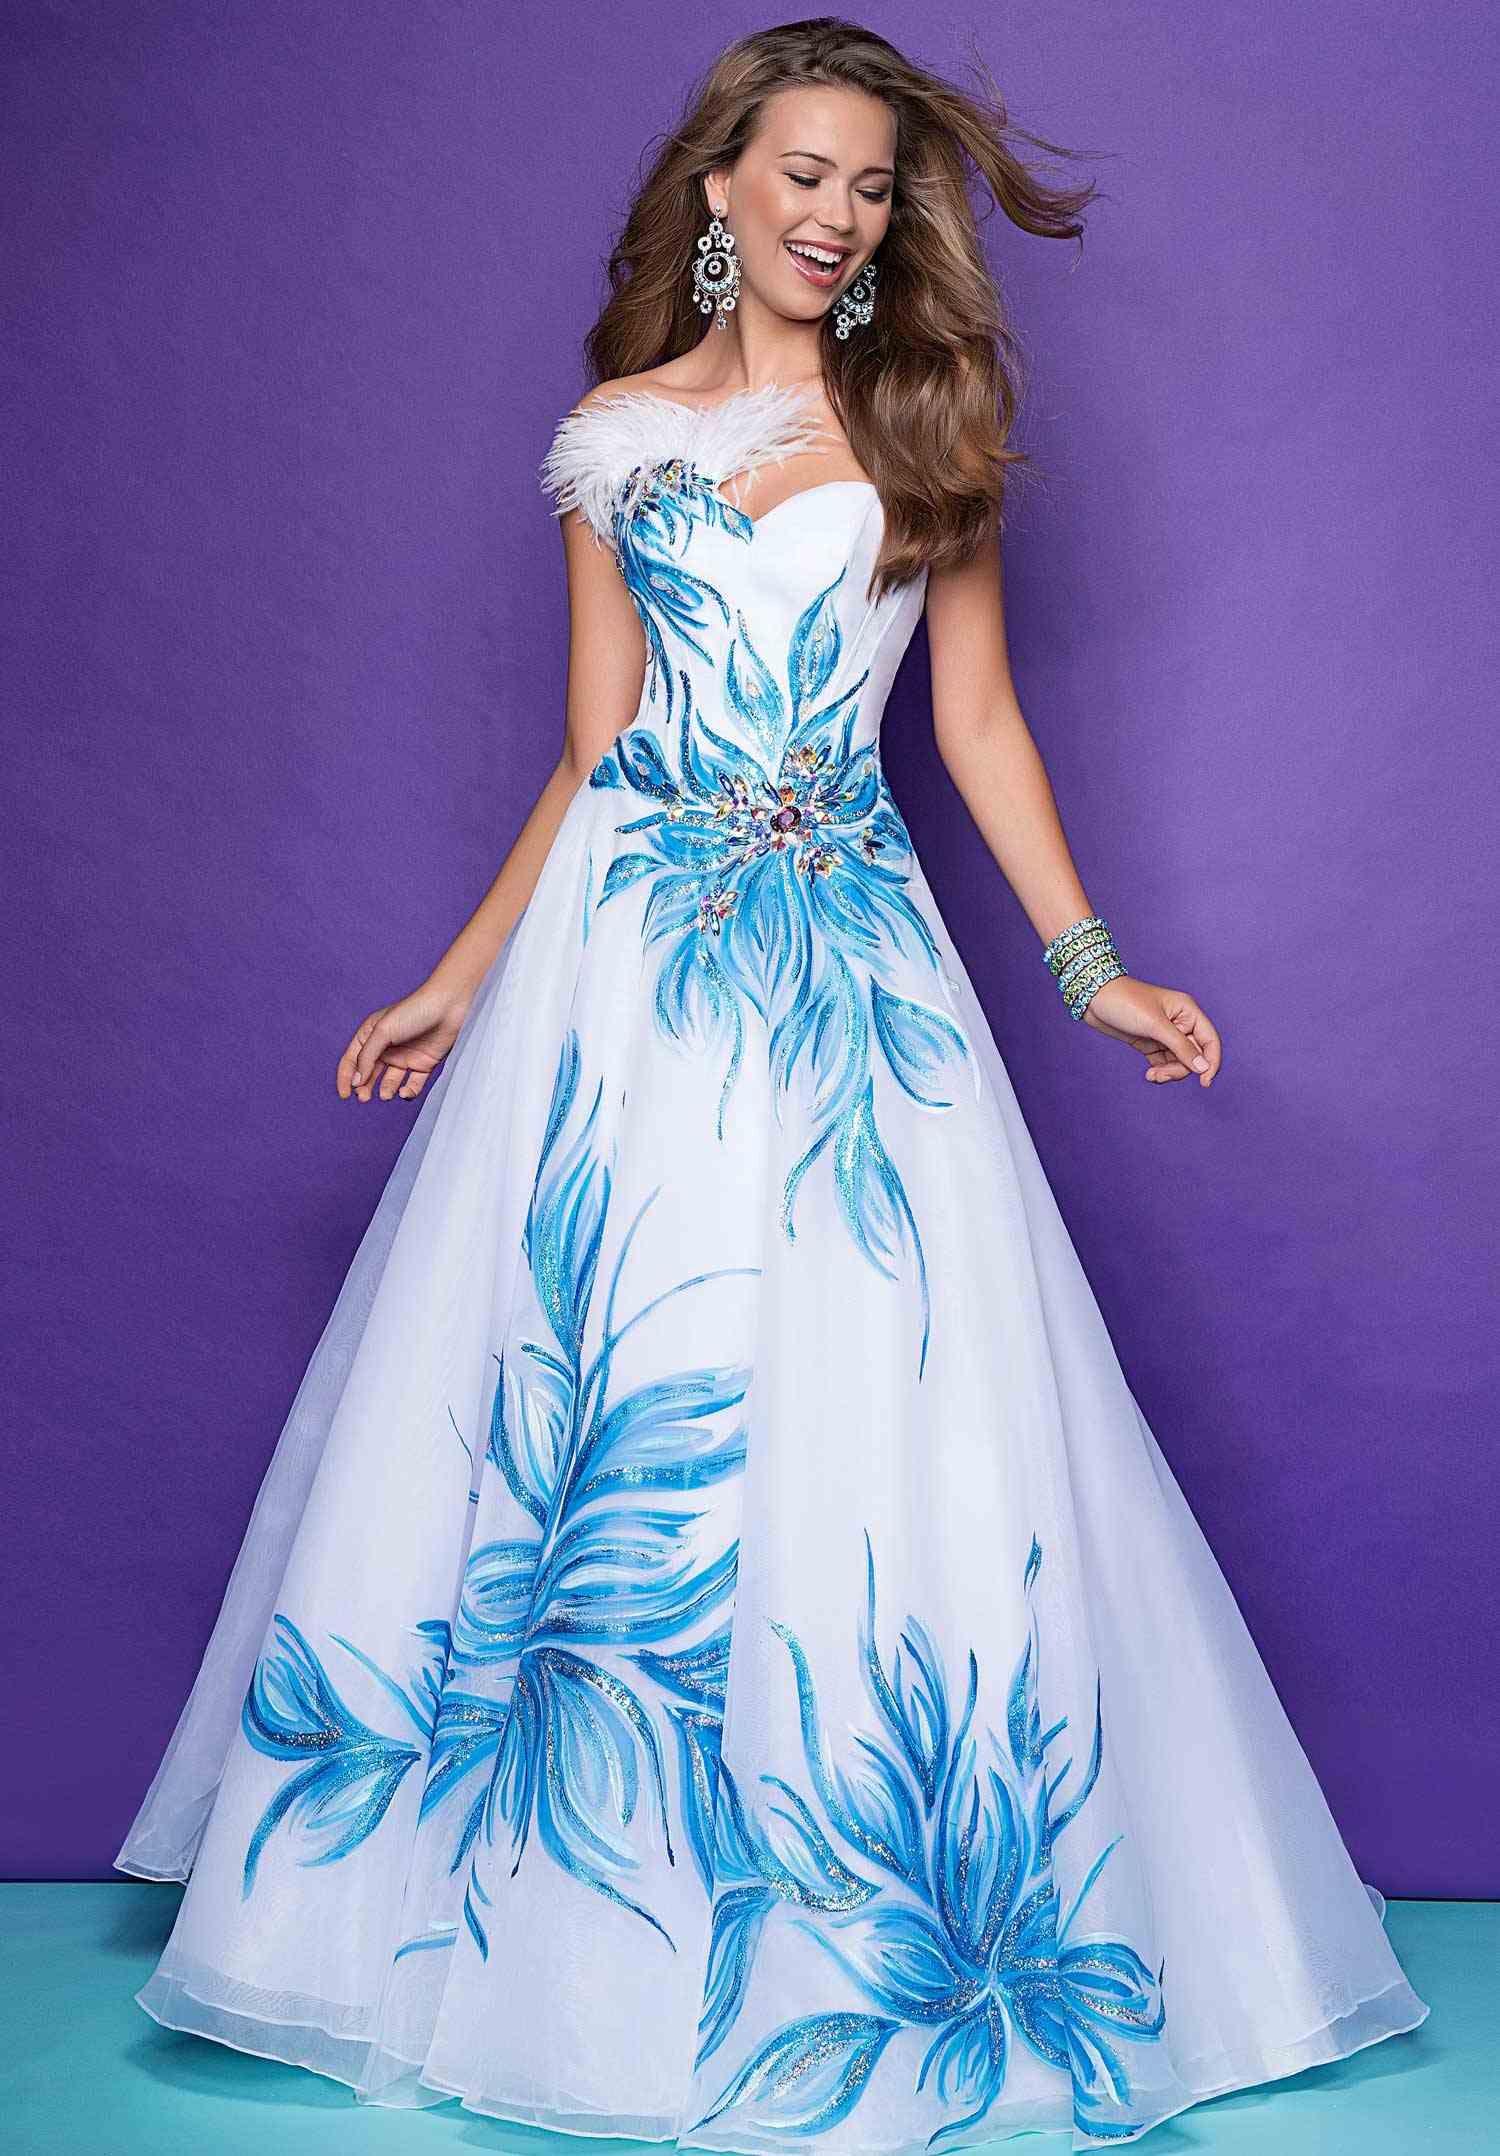 Blush Dress 5241 | FASHION & BEAUTY | Pinterest | Moda femenina y ...